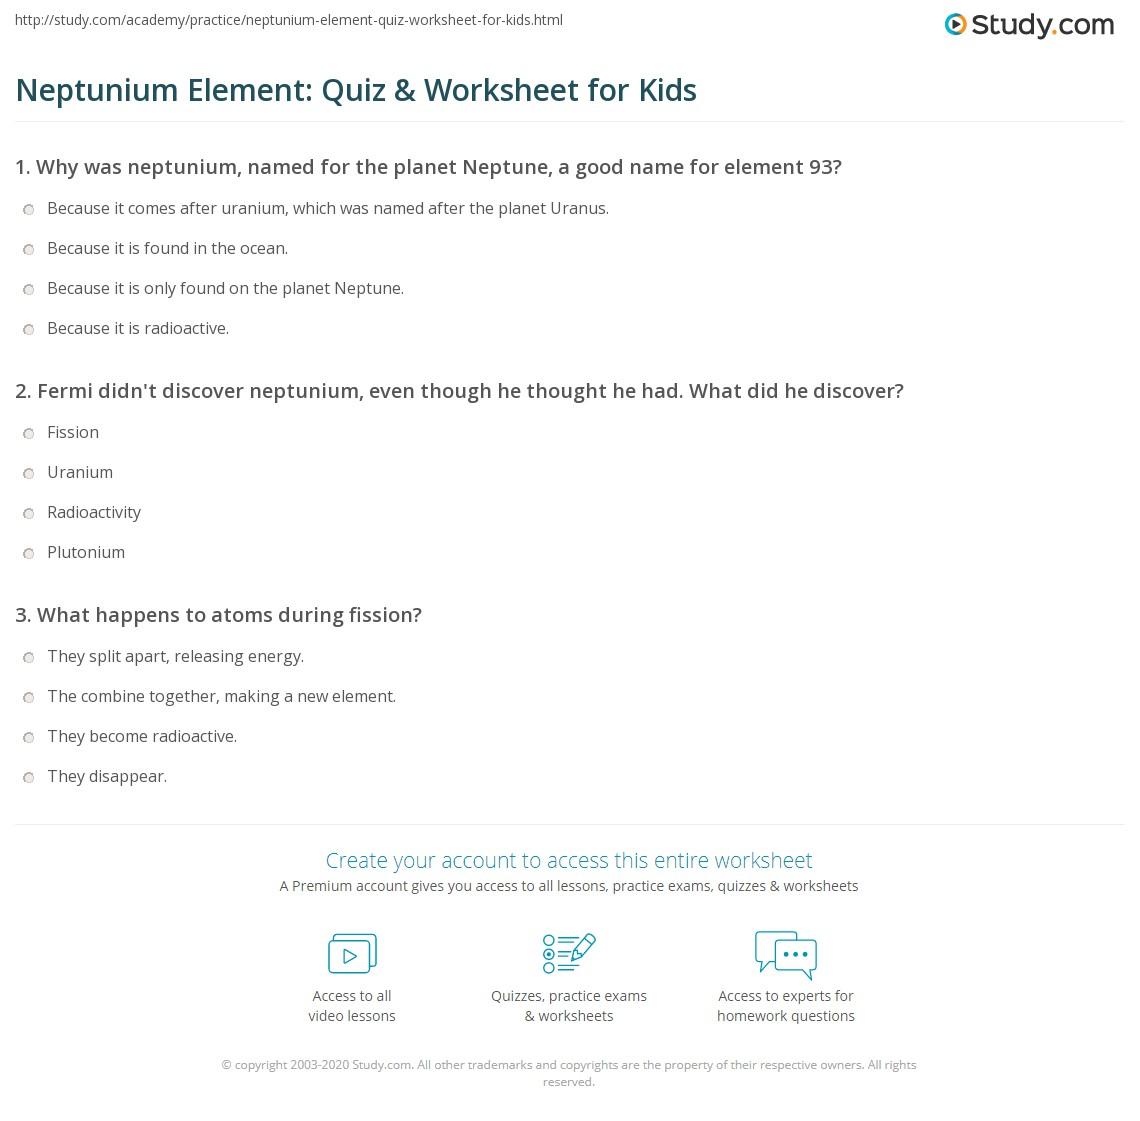 neptunium element quiz worksheet for kids. Black Bedroom Furniture Sets. Home Design Ideas